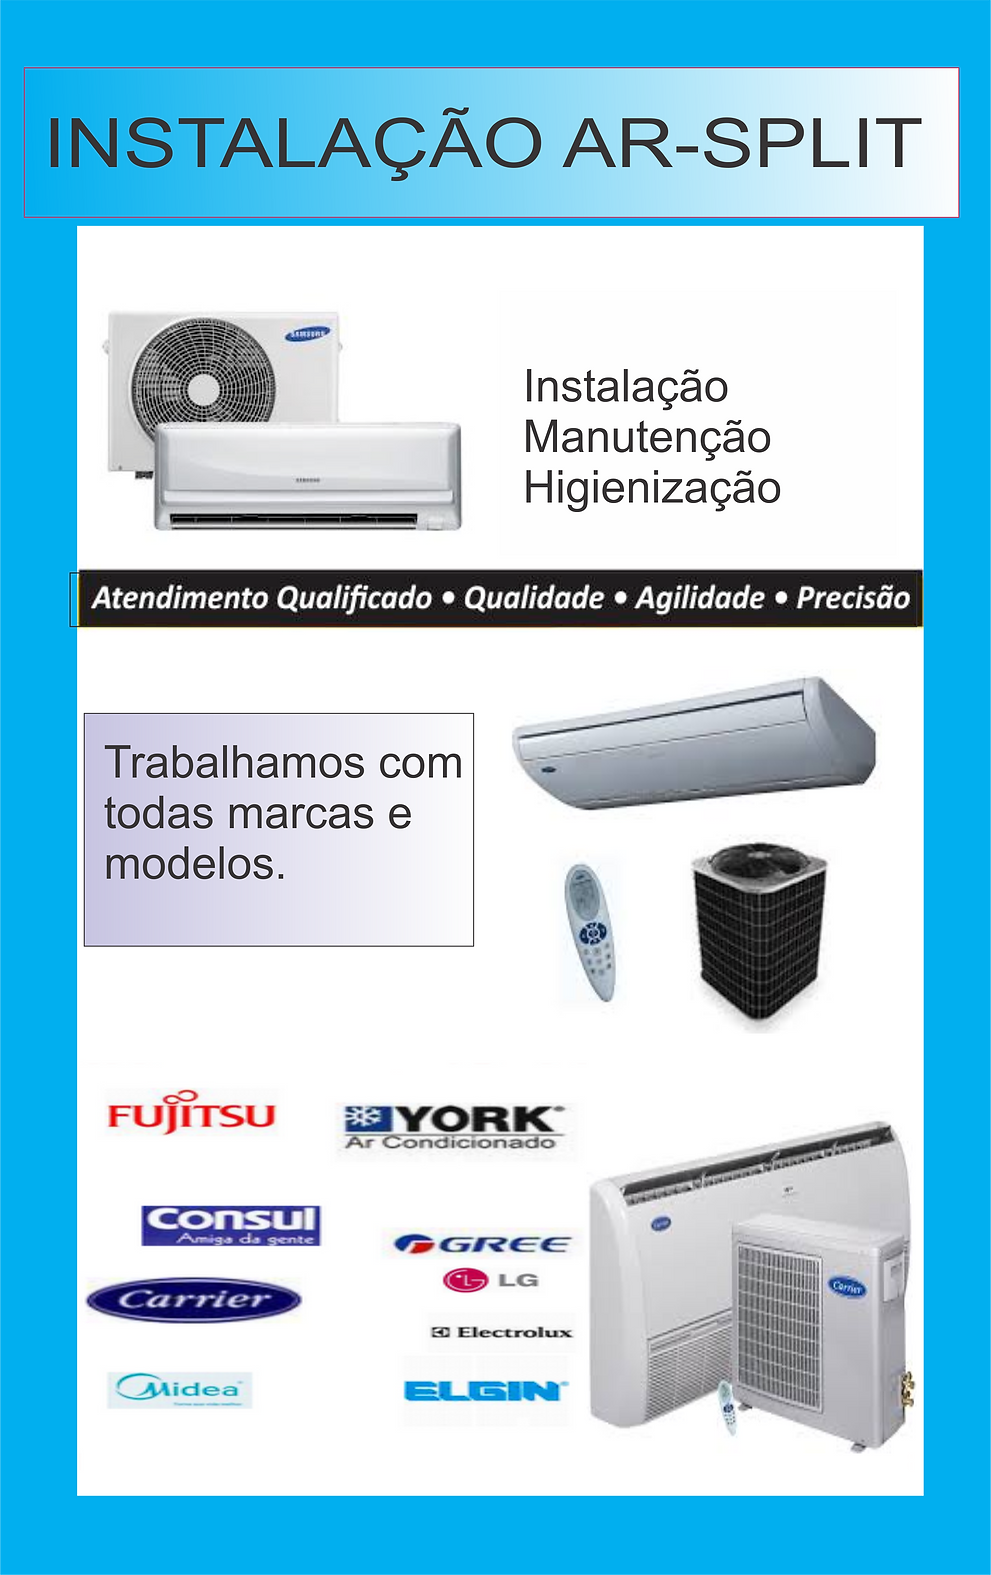 Instalação e manutenção de ar condicionado de todos os tipos. - Mão de obra qualificada e com garantia